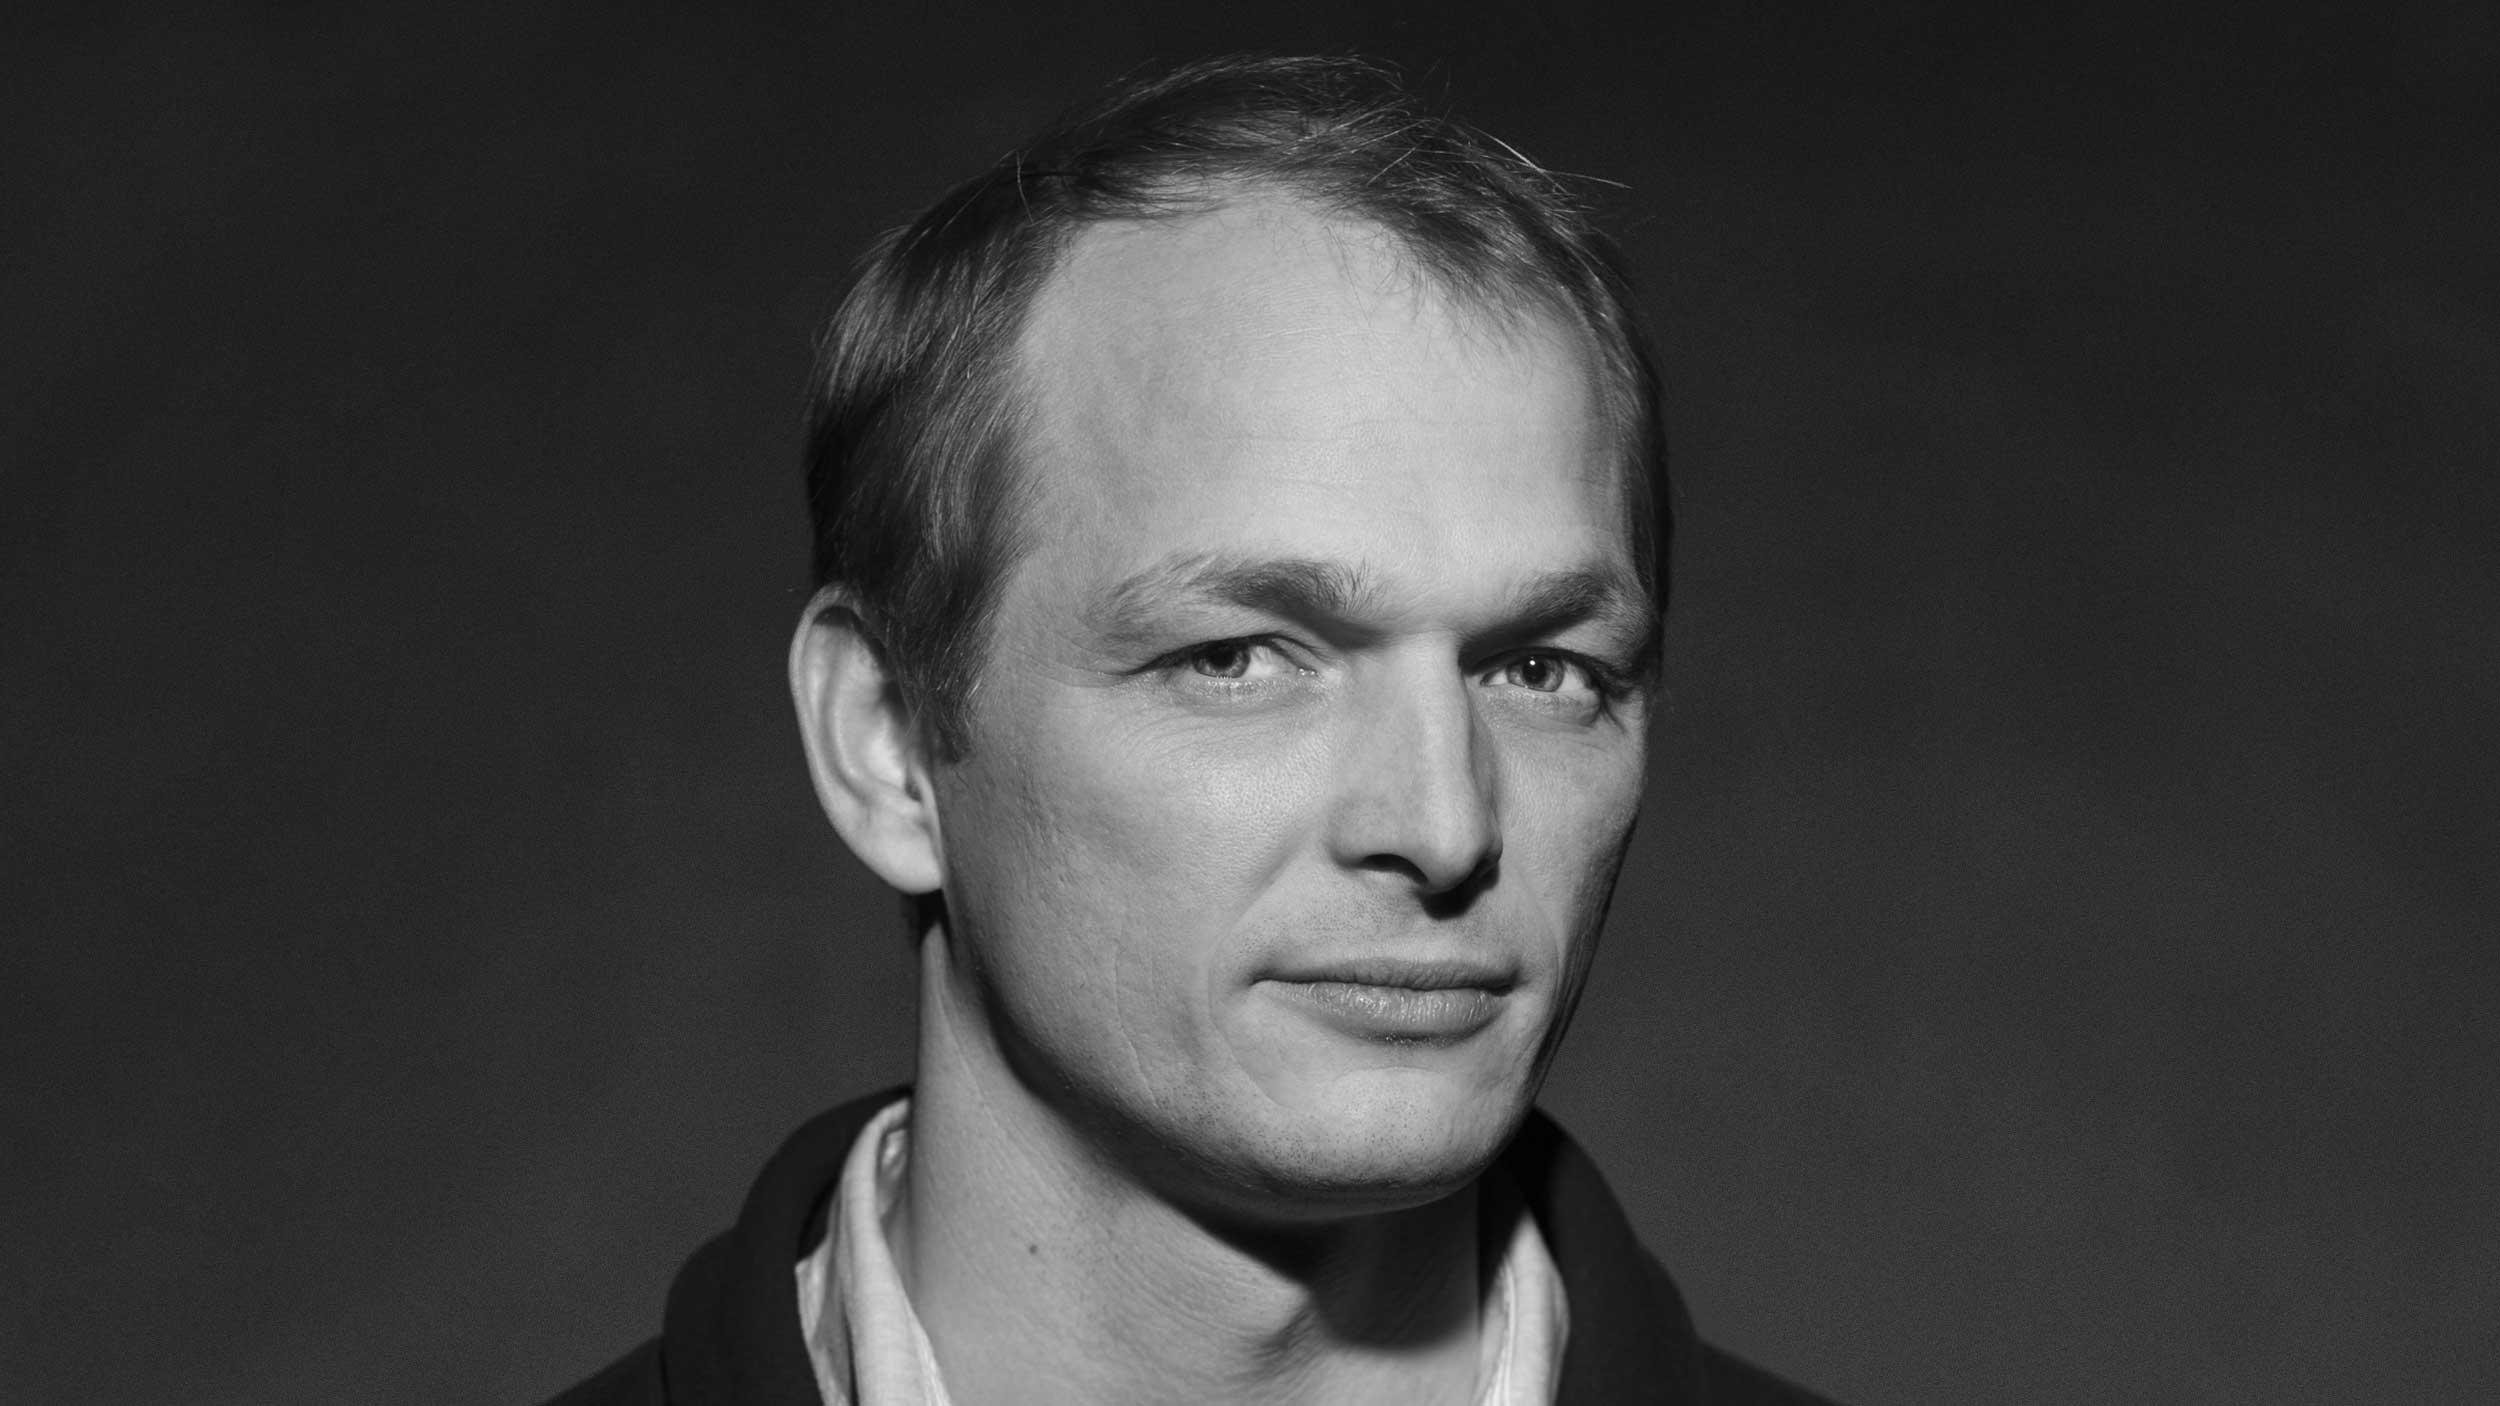 Timm Zolpys